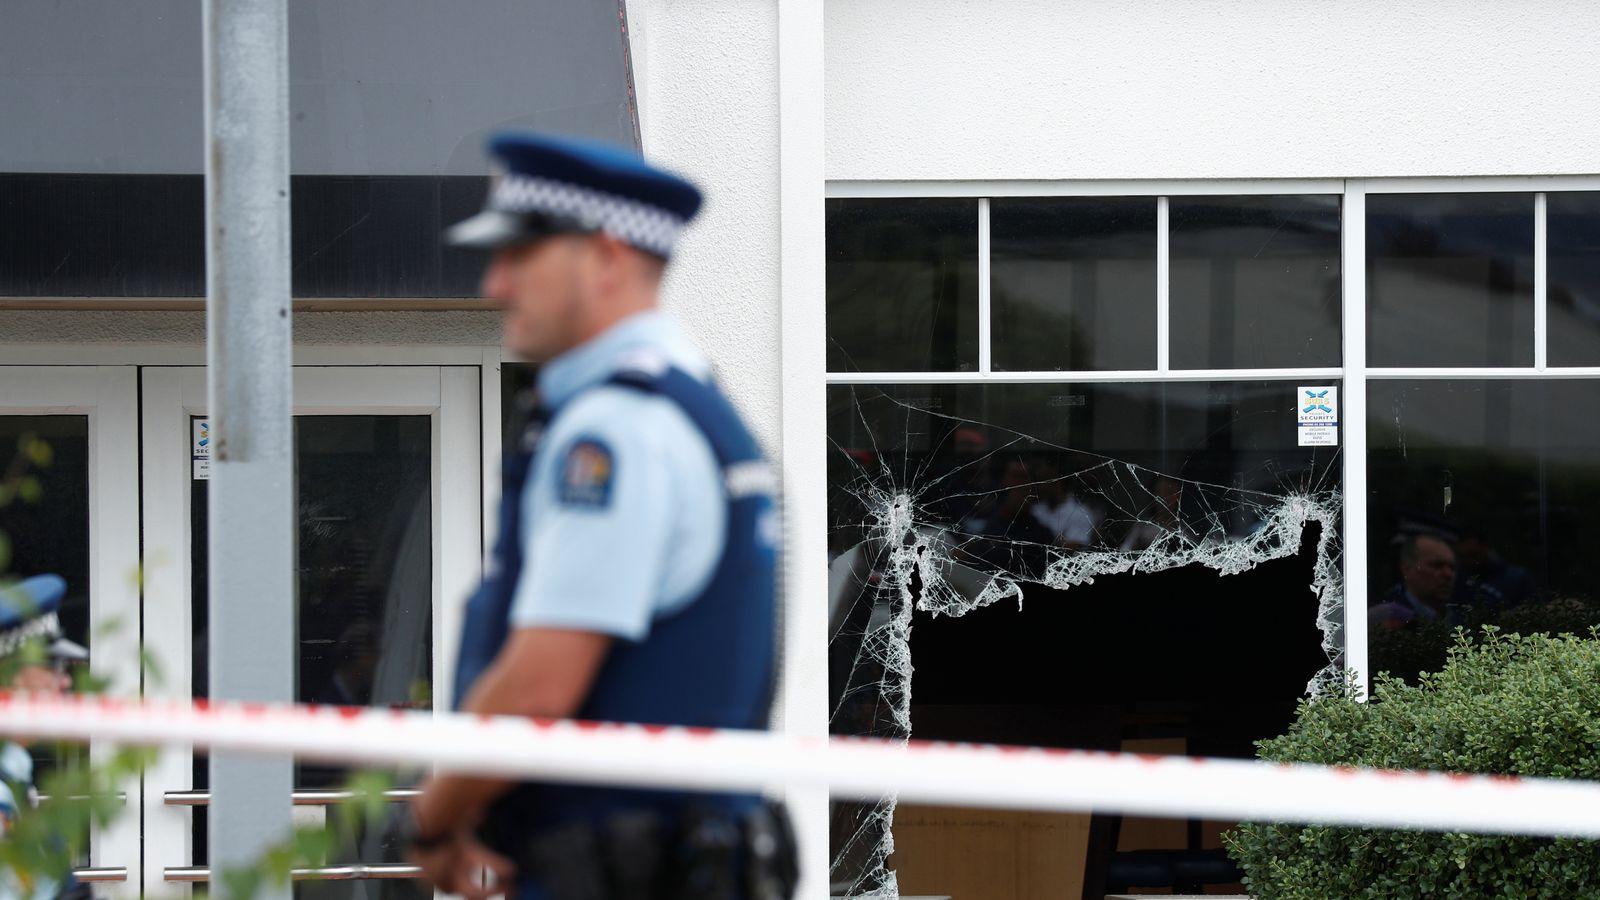 Australia to block websites hosting terror content during attacks